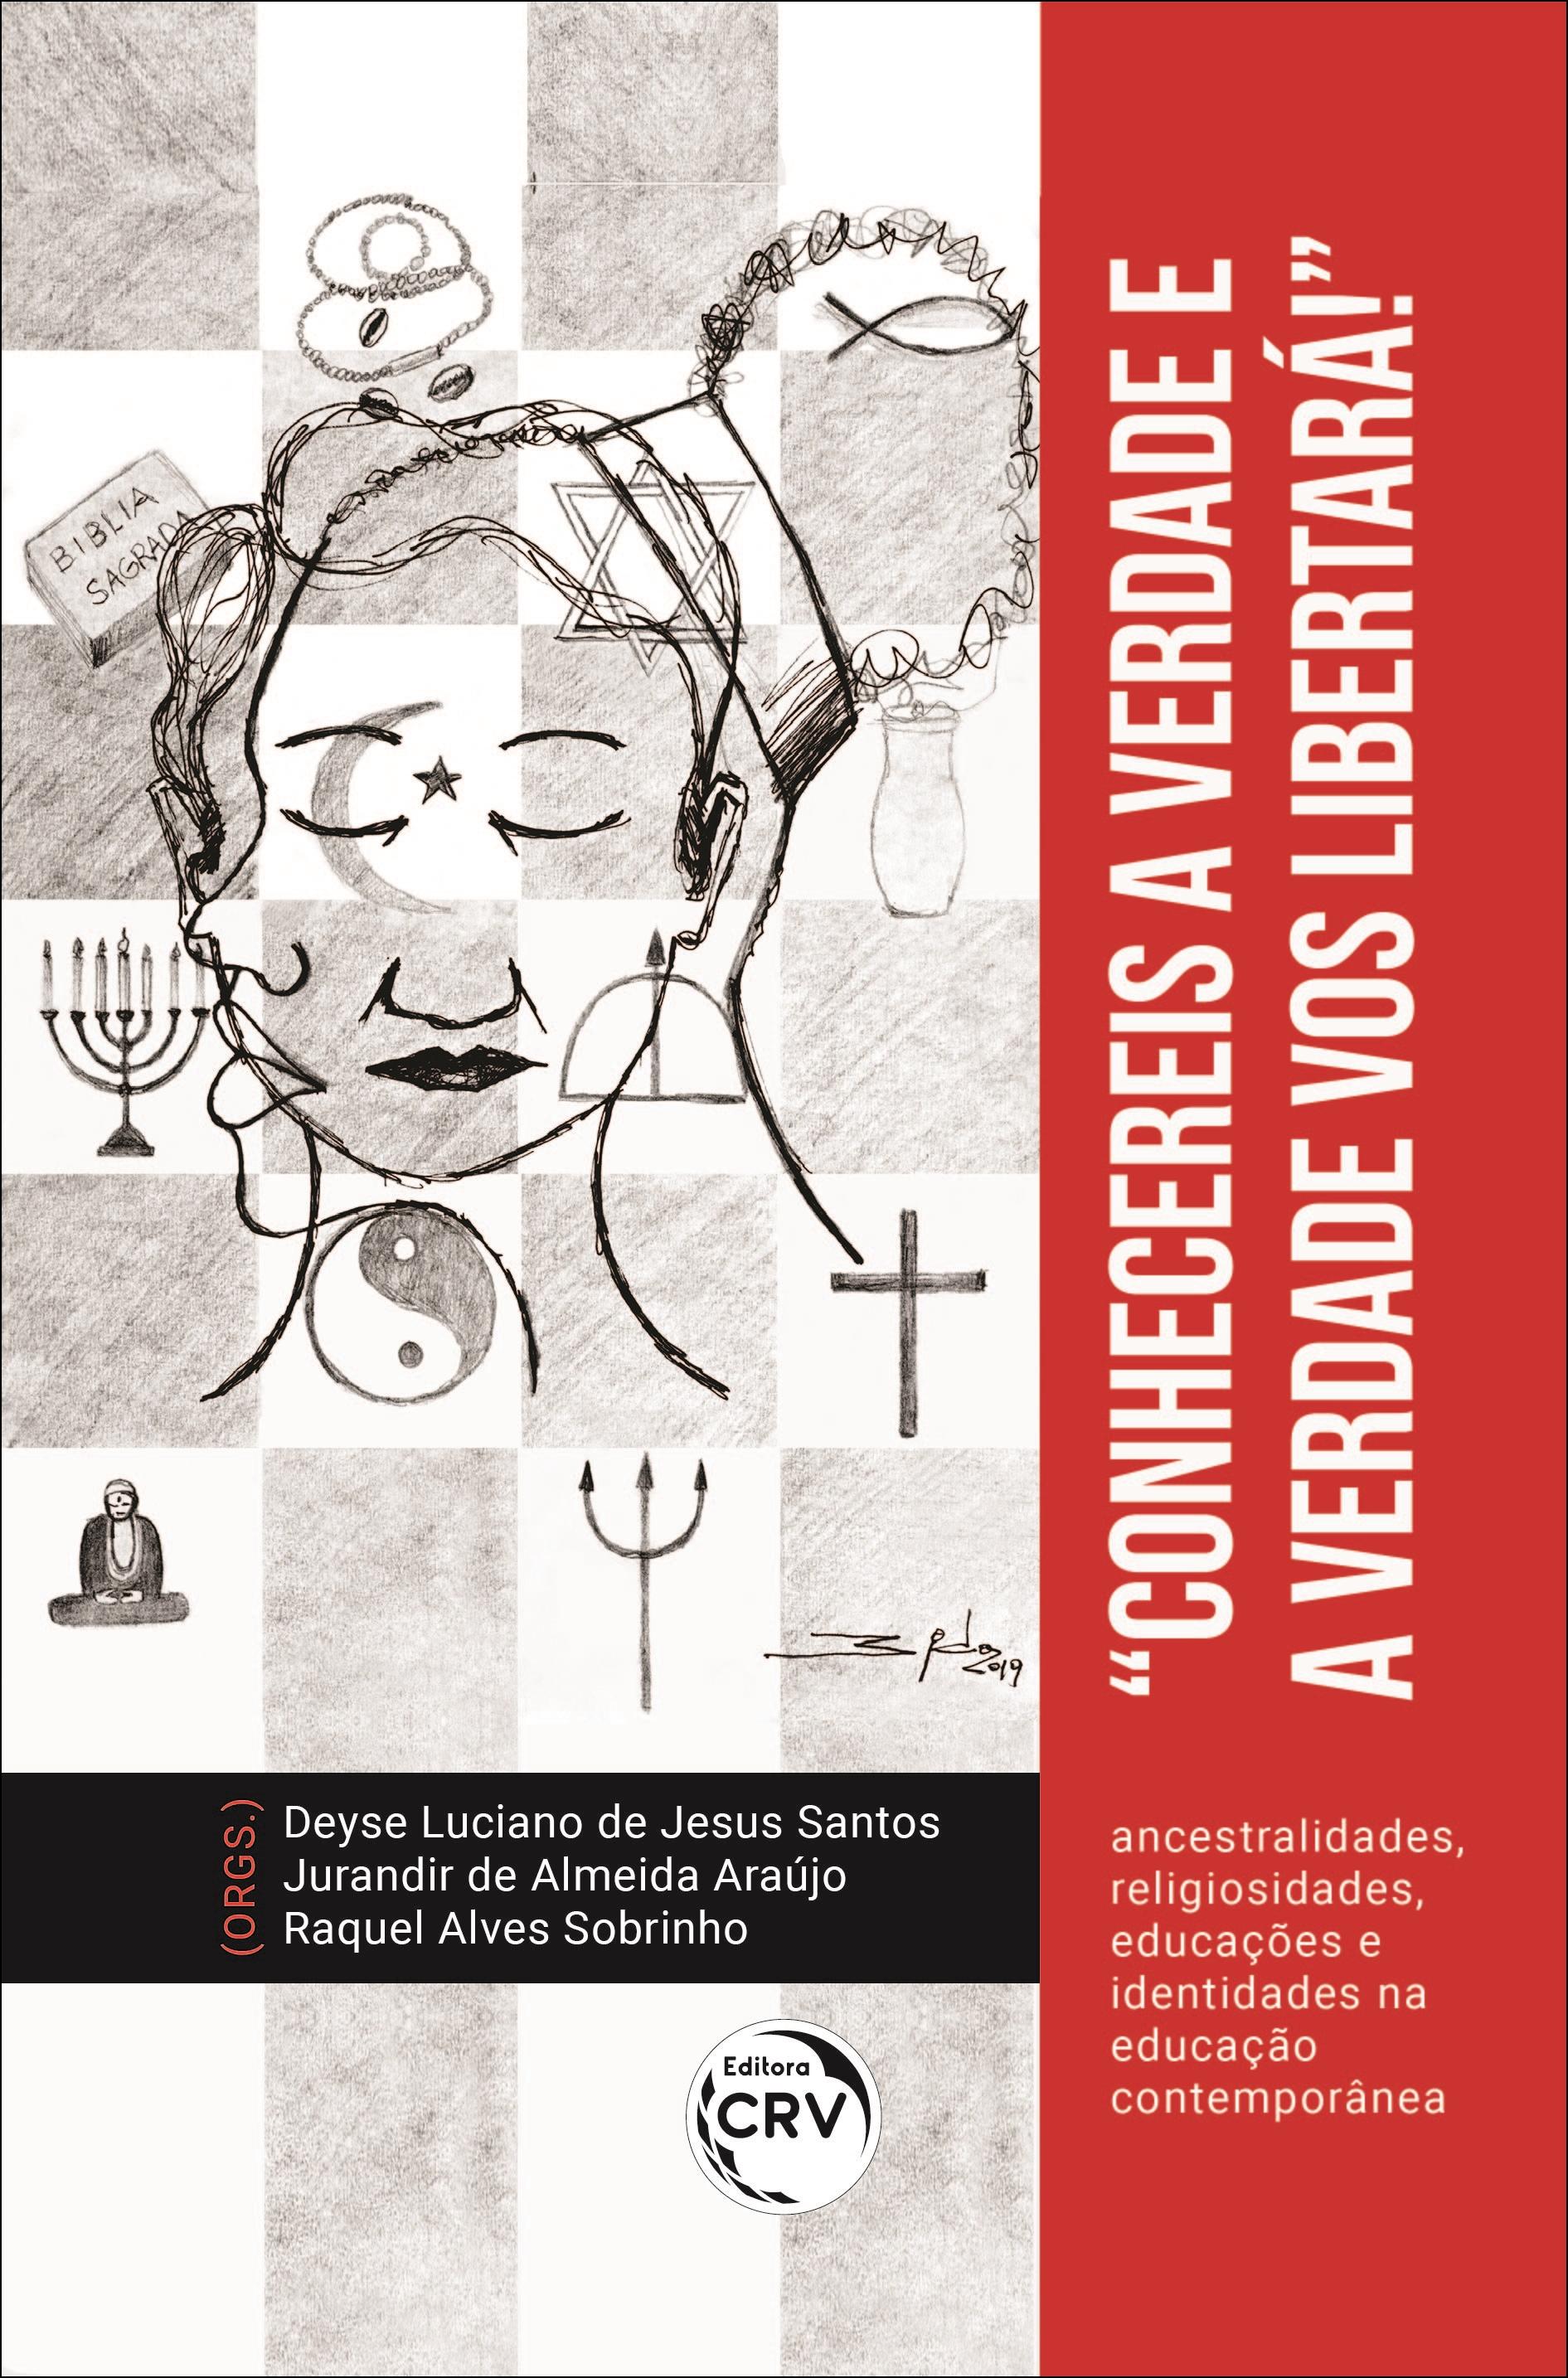 """Capa do livro: """"CONHECEREIS A VERDADE E A VERDADE VOS LIBERTARÁ!"""" <br> Ancestralidades, religiosidades, educações e identidades na educação contemporânea"""